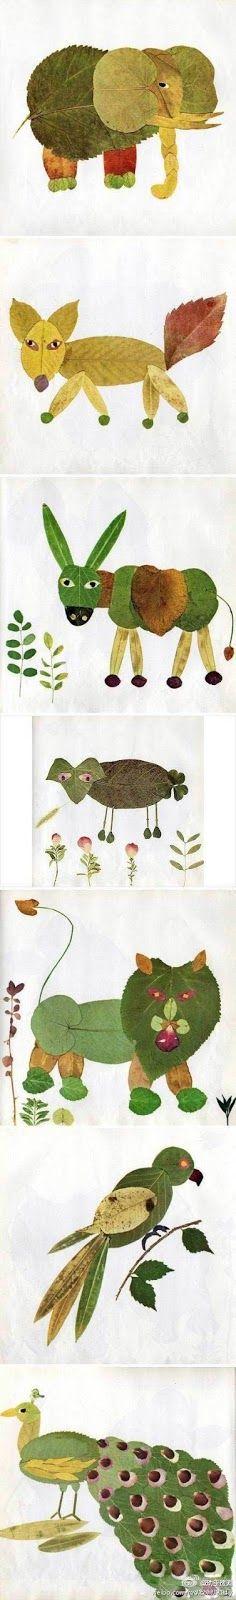 Még egy kis őszi dekoráció | designdrOops!